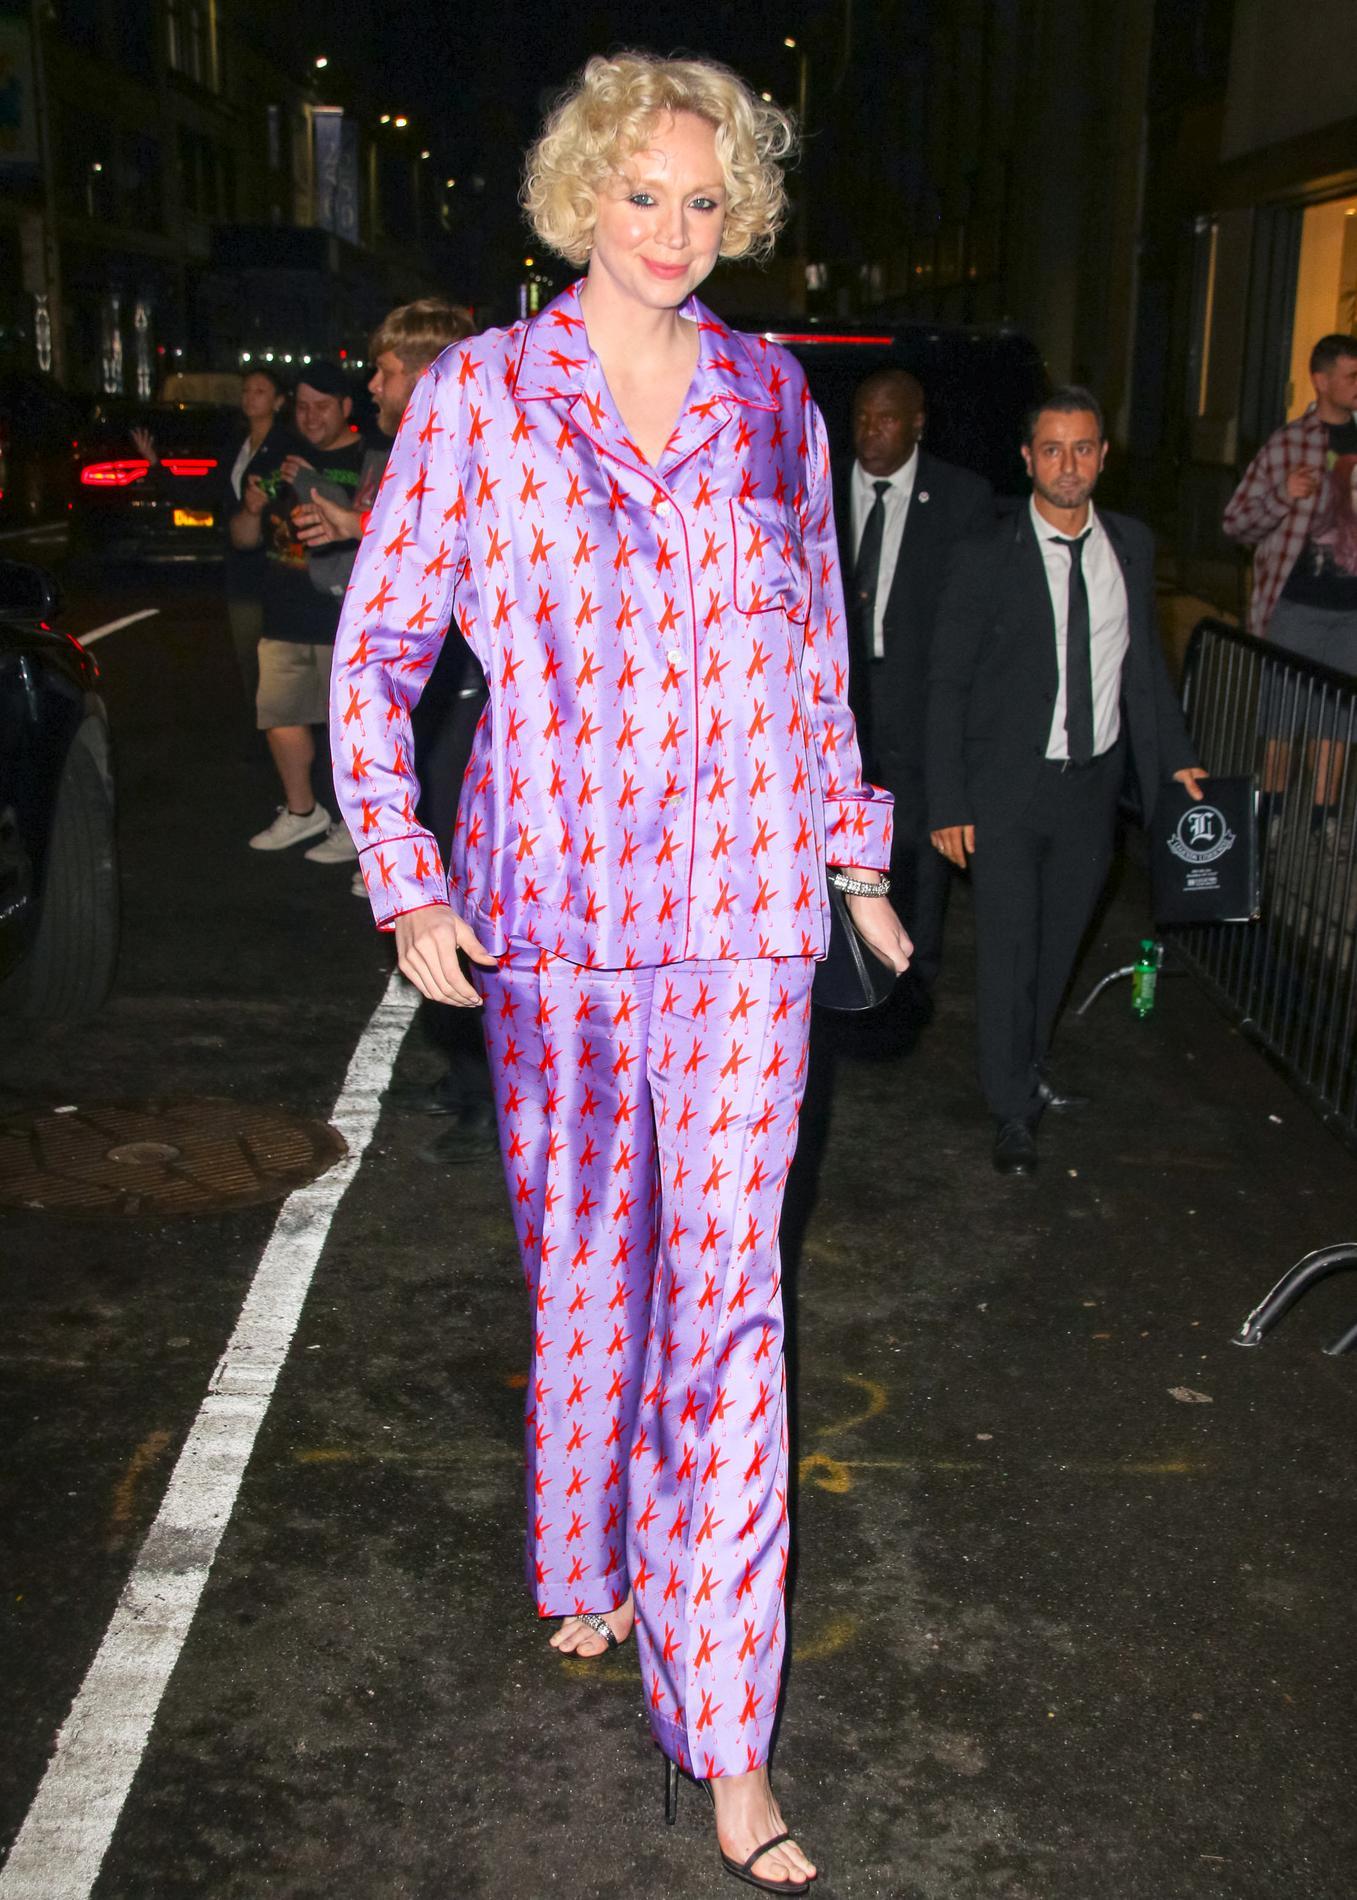 nouveau sélection guetter styles classiques Comment porter le pyjama en dehors de son lit ? - Madame Figaro